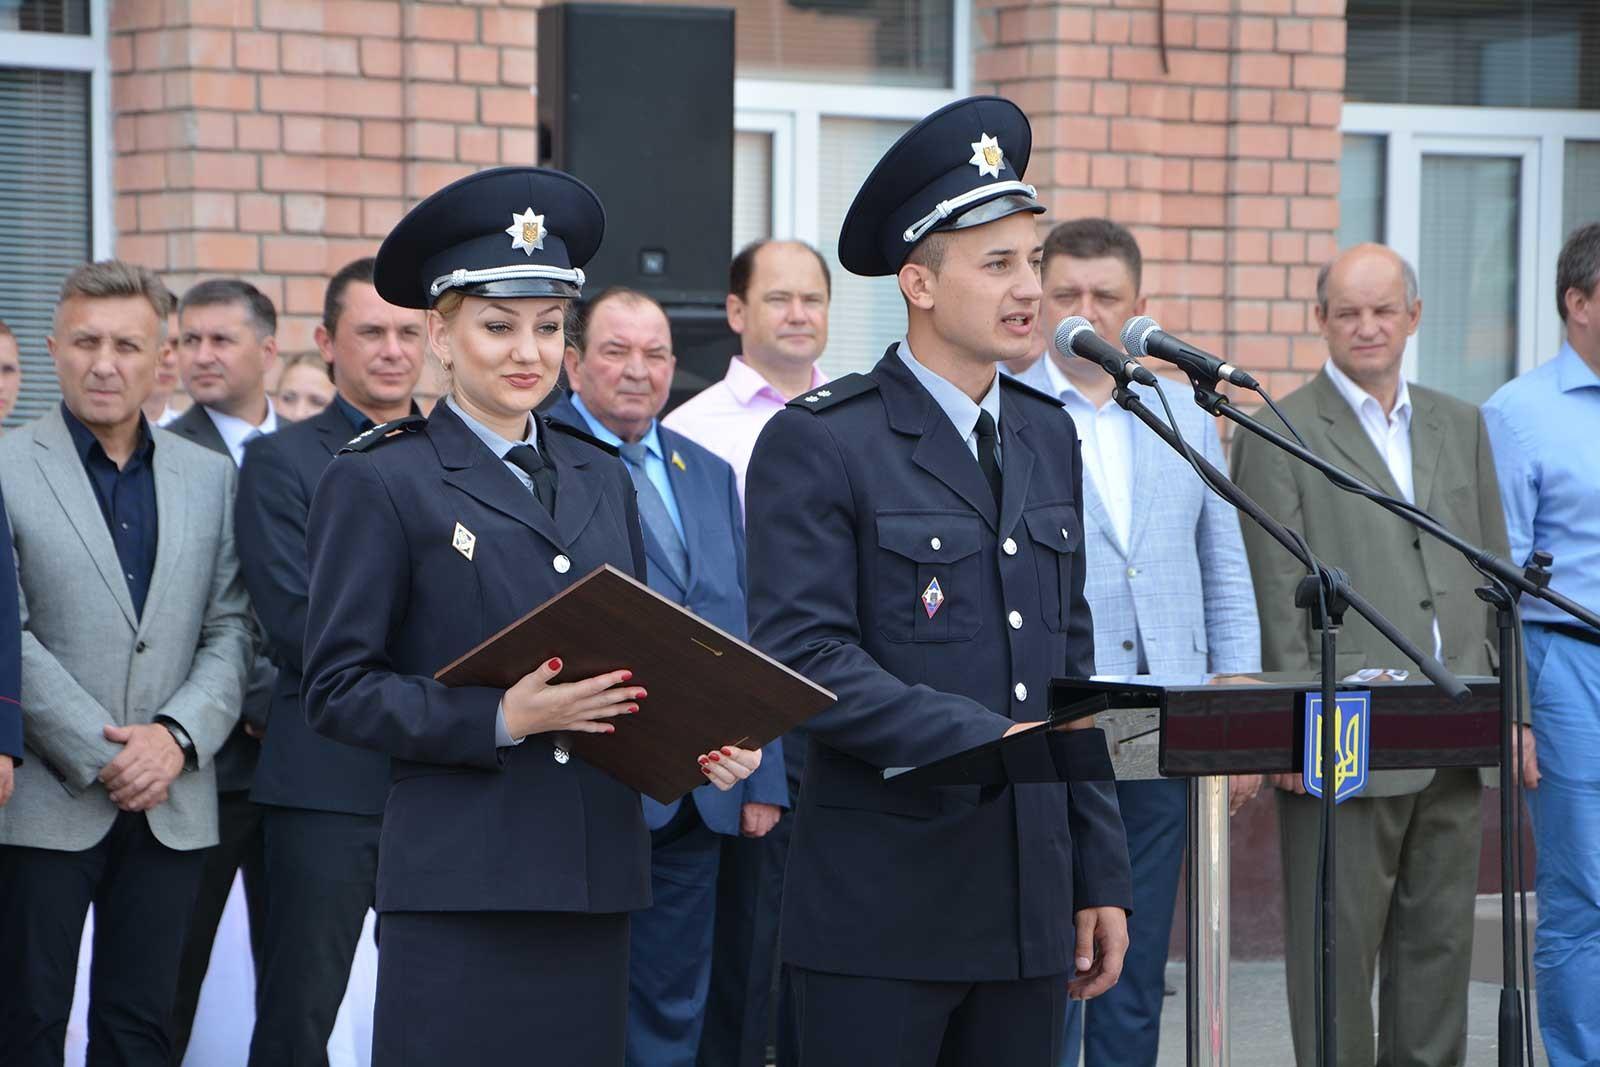 У ДДУВС пройшли урочисті заходи з нагоди випуску фахівців для підрозділів національної поліції України.